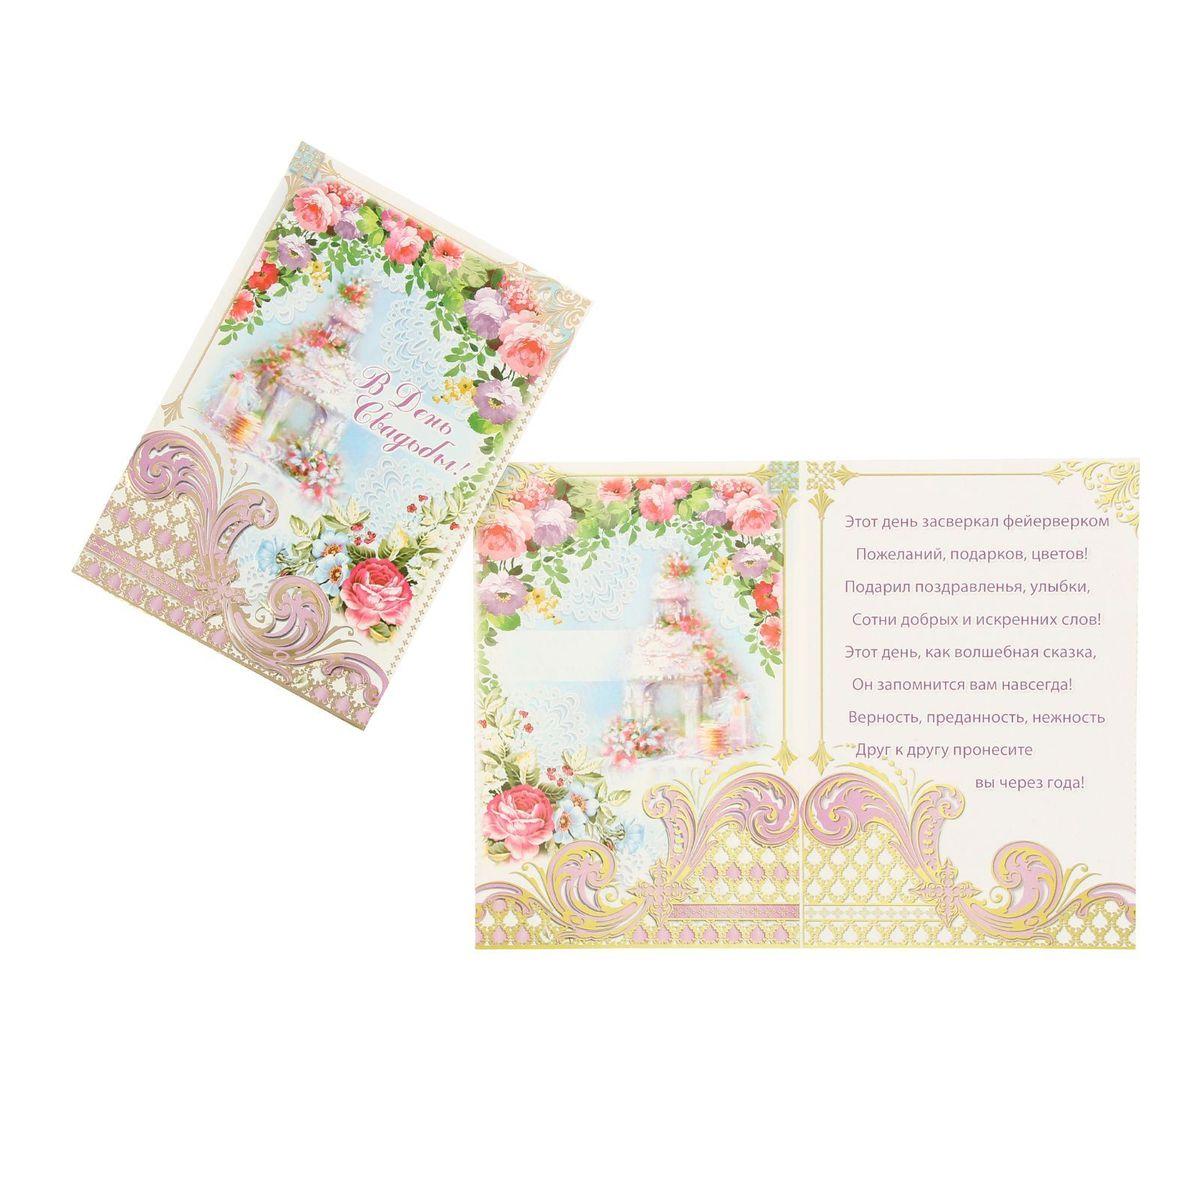 Открытка Sima-land В день свадьбы! Беседка и цветы открытка sima land в день свадьбы беседка и цветы